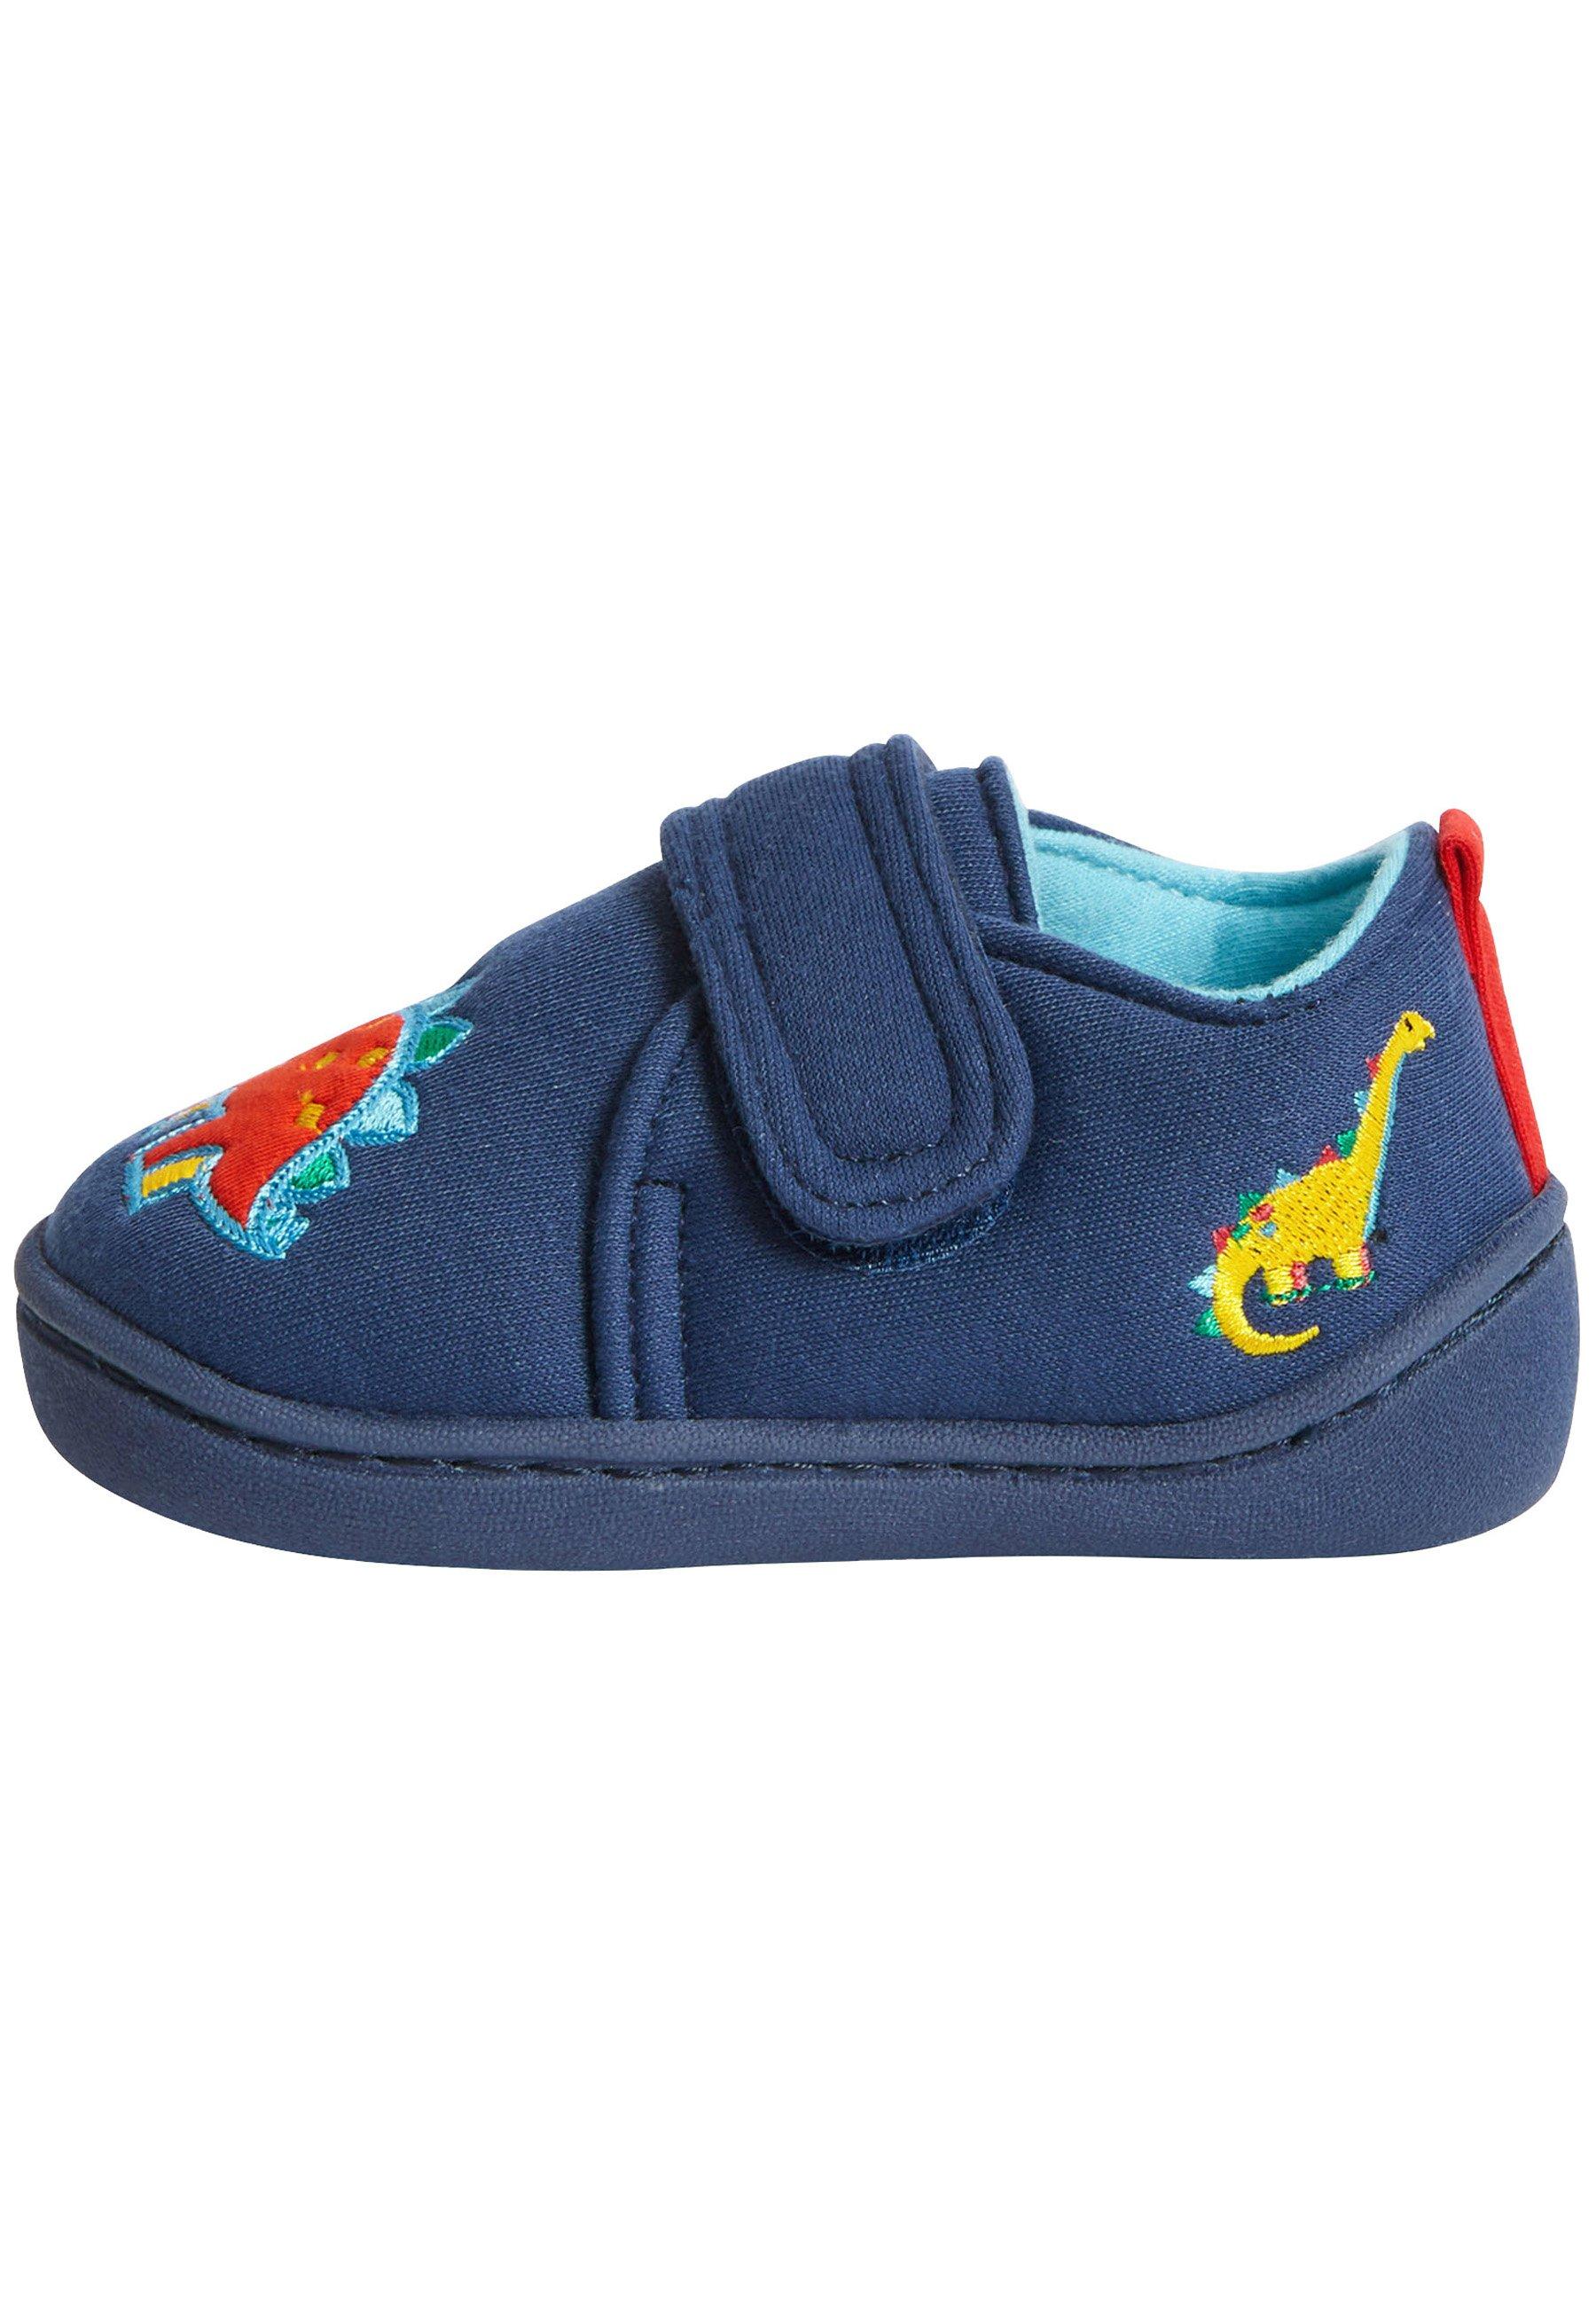 Niño DINOSAUR  - Zapatos con cierre adhesivo